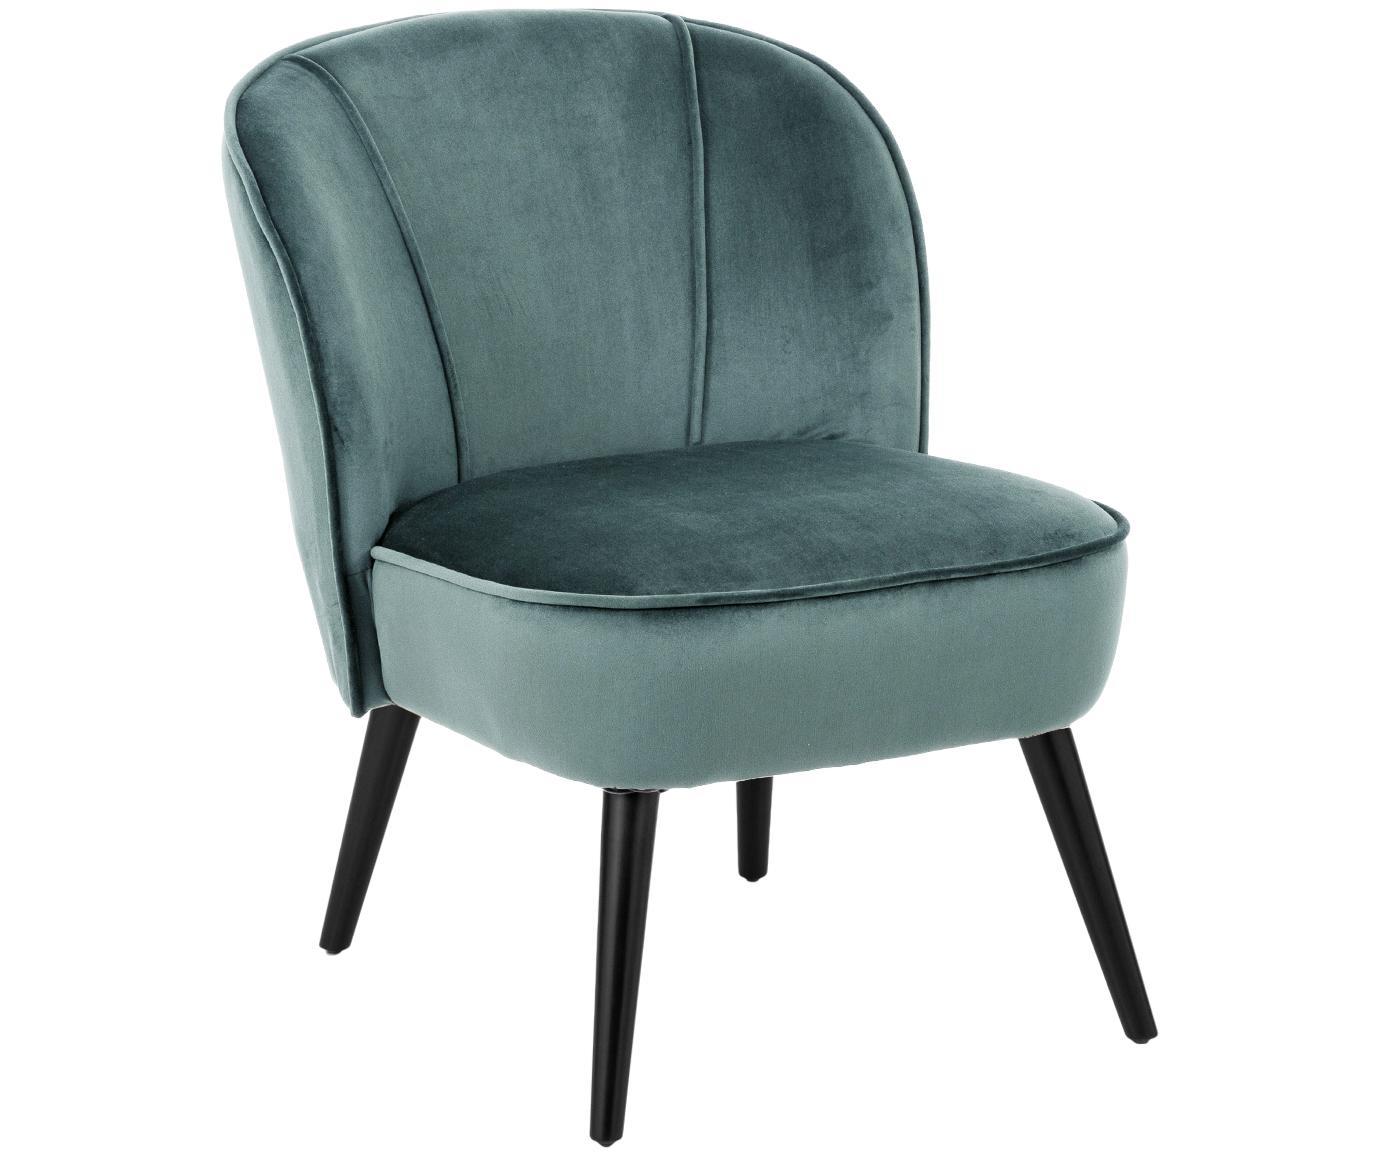 Fotel koktajlowy z aksamitu Lucky, Tapicerka: aksamit (poliester) Tkani, Nogi: drewno kauczukowe, lakier, Tapicerka: niebieskozielony Nogi: czarny, S 59 x G 68 cm